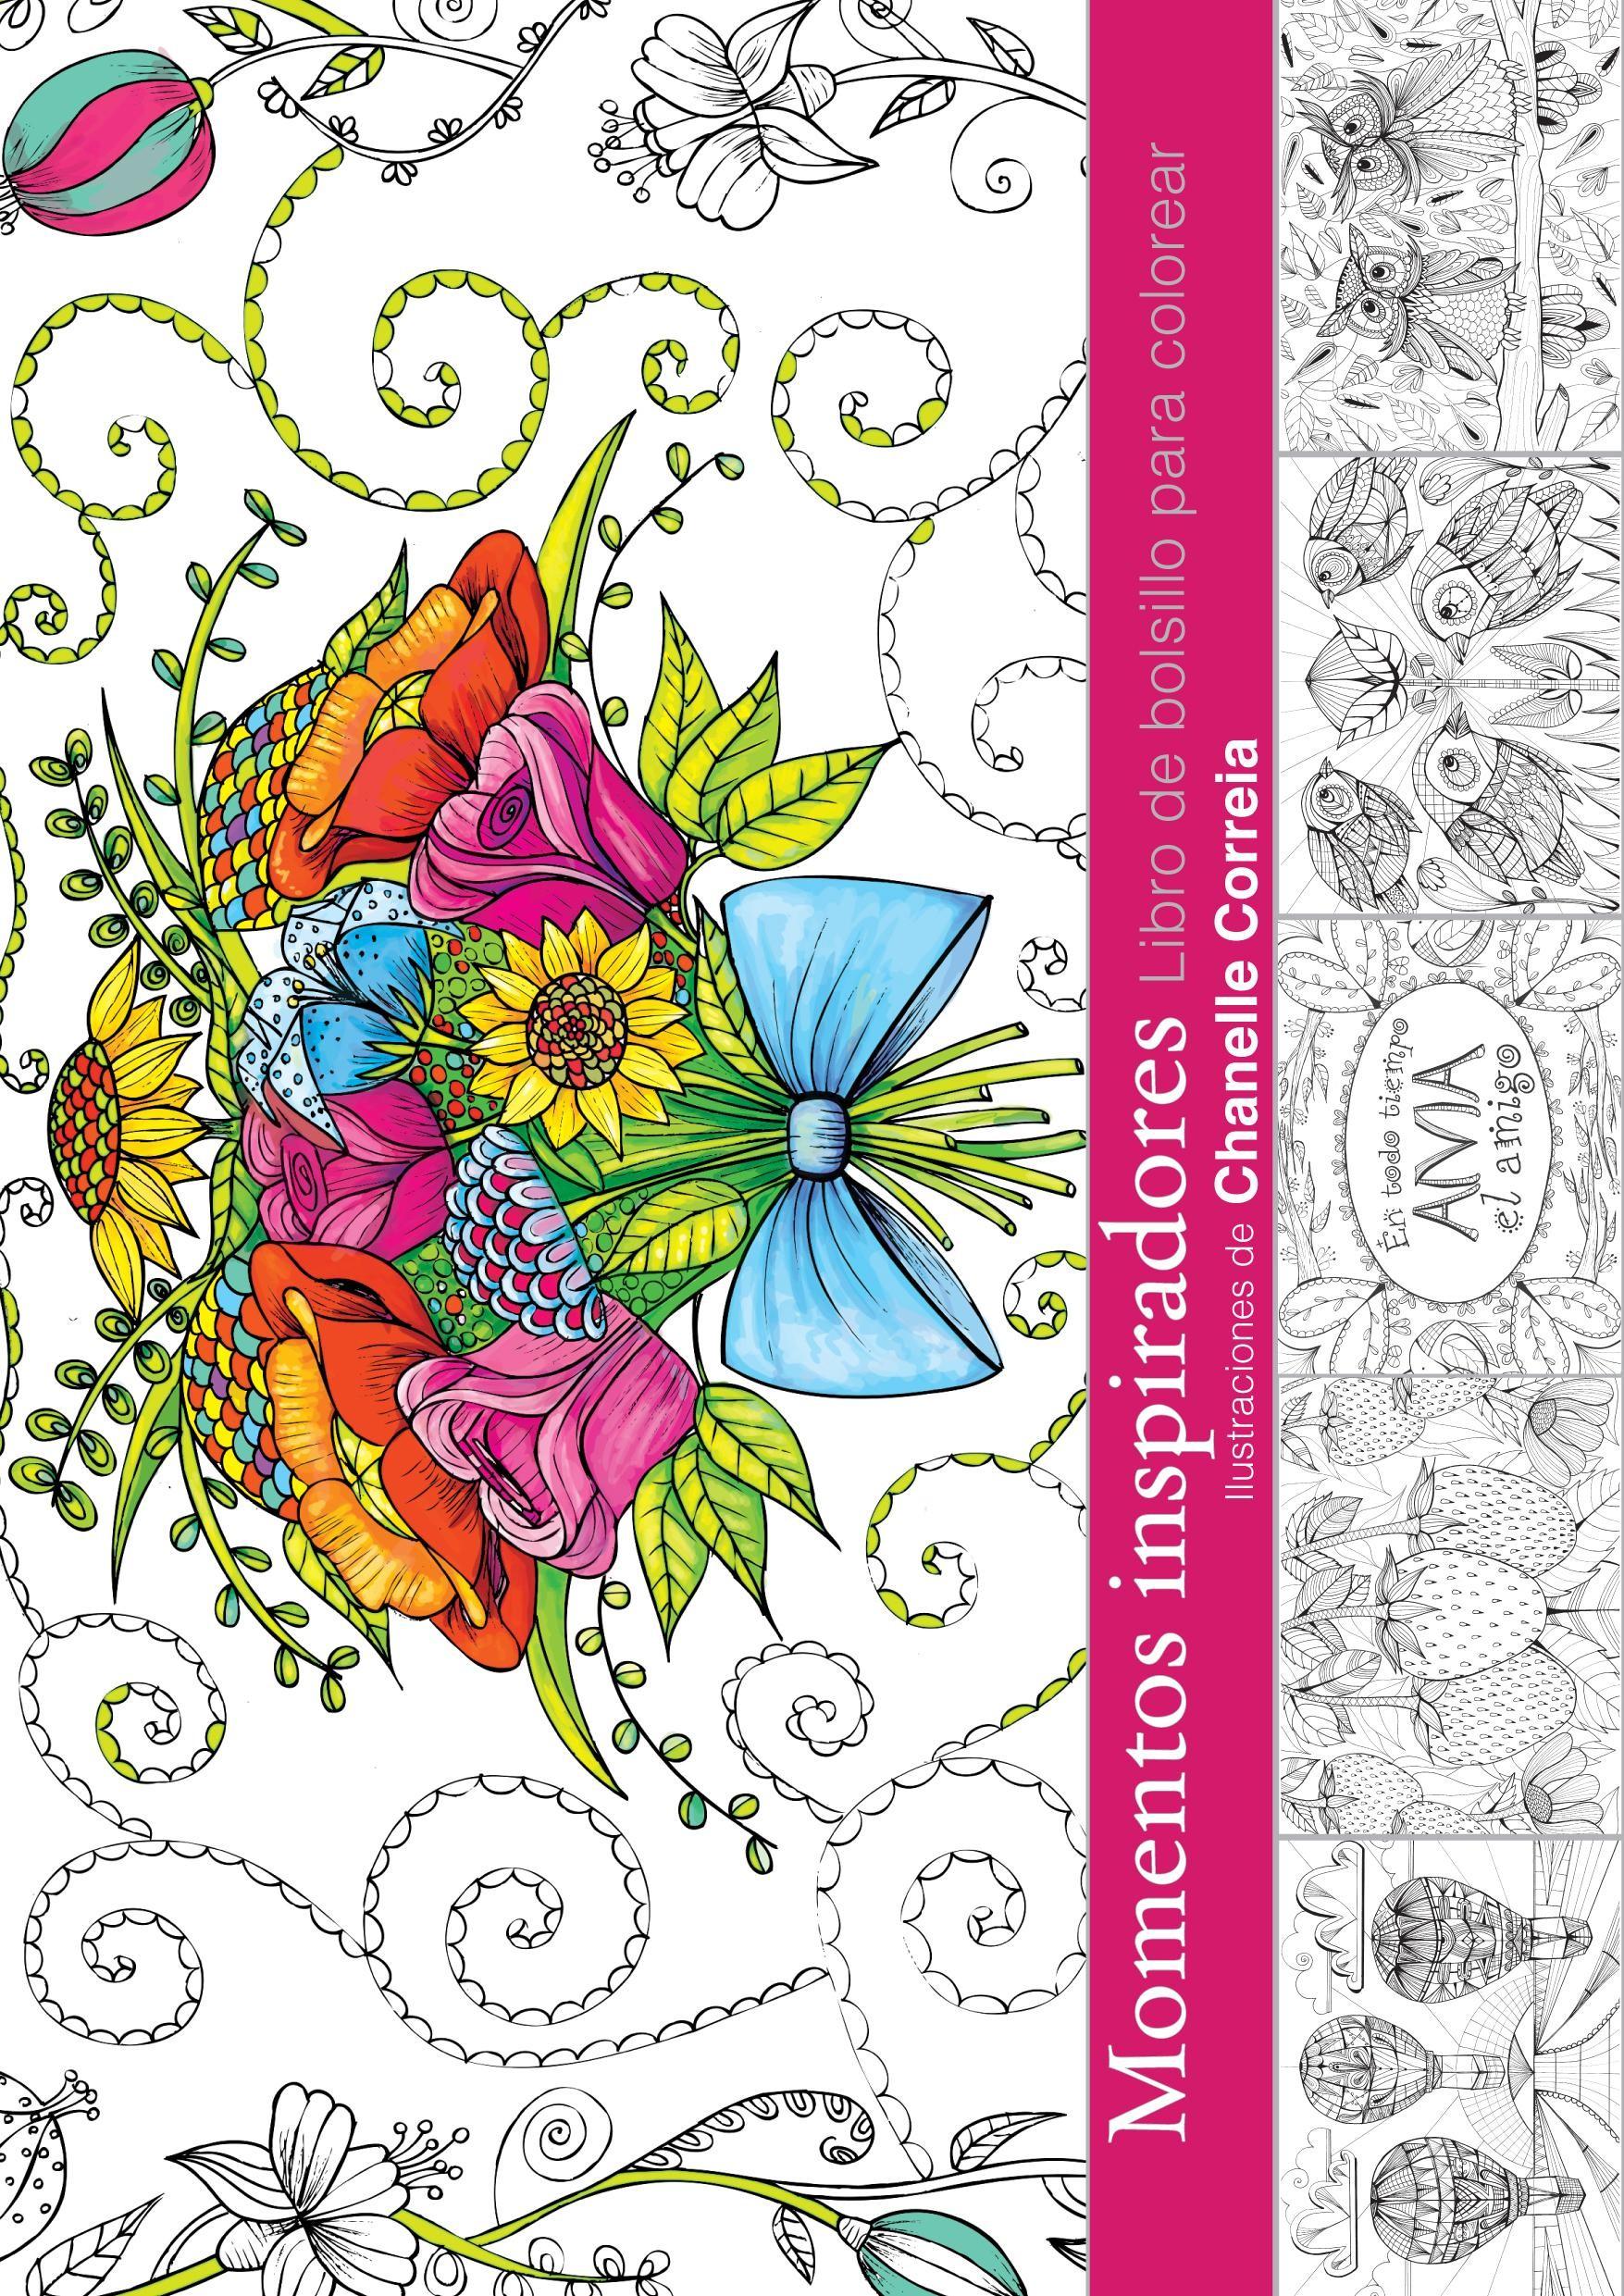 inspiradores - Libro de bolsillo de colorear - 9780789923769 ...